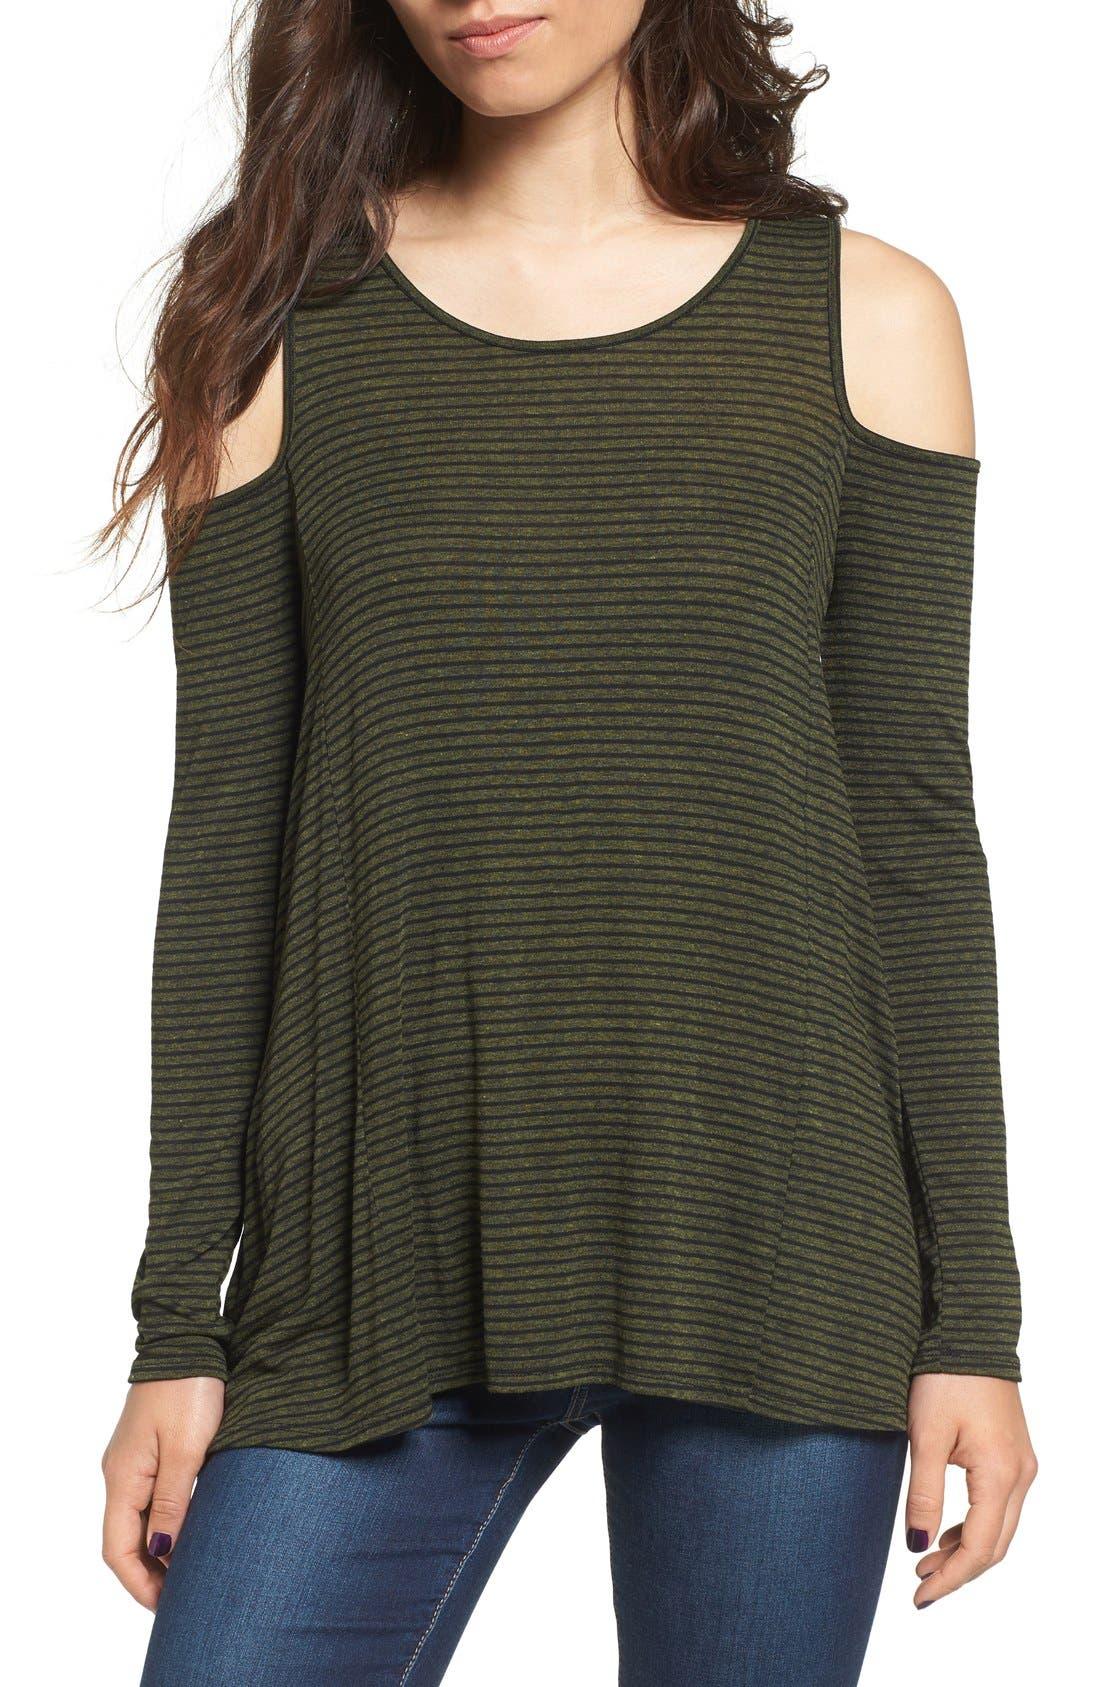 Alternate Image 1 Selected - Lush Stripe Cold Shoulder Top